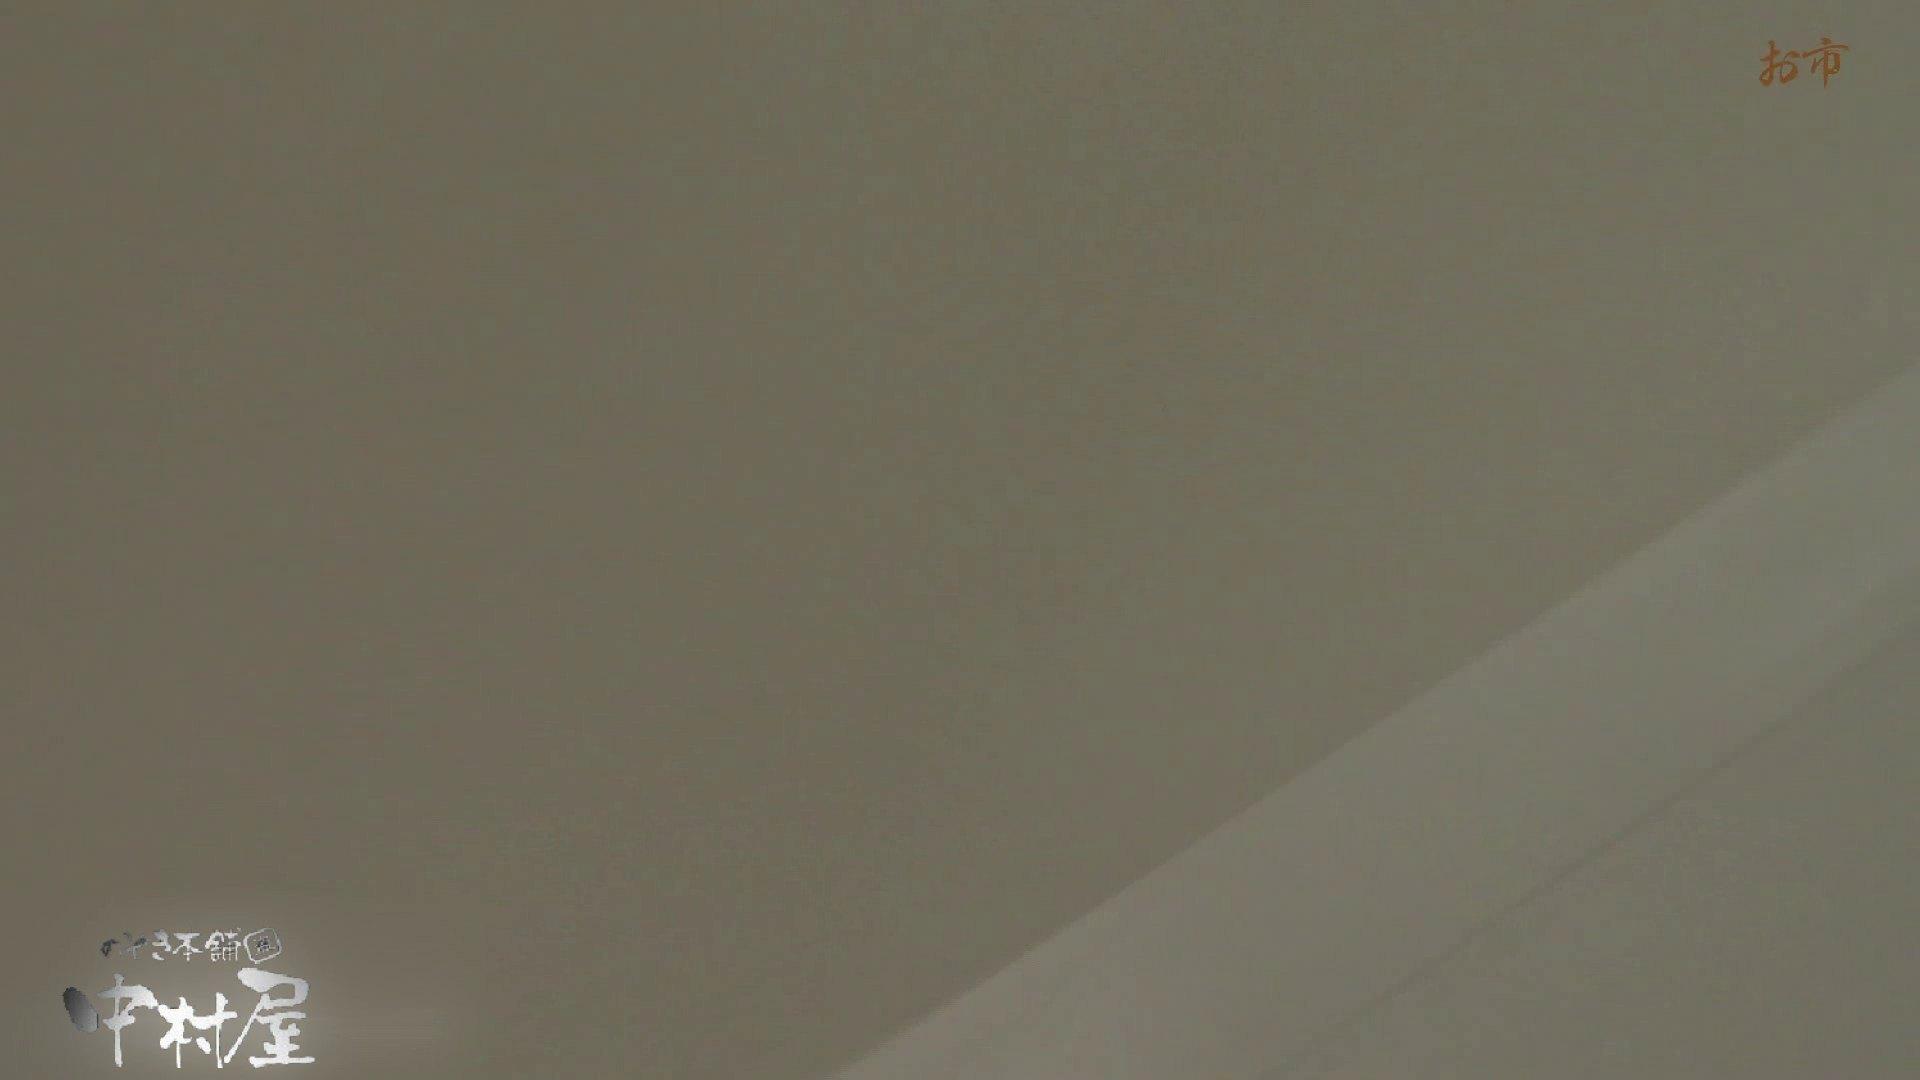 お市さんの「お尻丸出しジャンボリー」No.17 女子トイレ 盗撮セックス無修正動画無料 106PICs 70